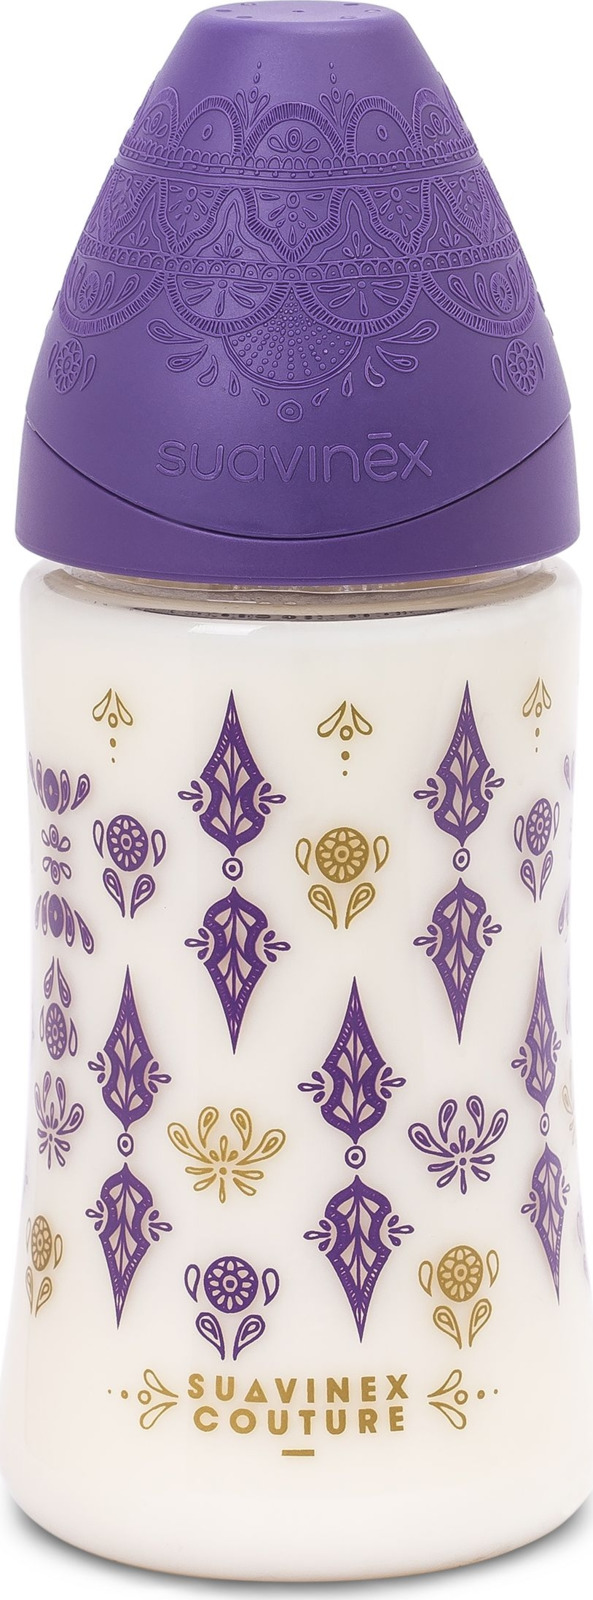 Бутылочка для кормления Suavinex Haute Couture, от 0 месяцев, с силиконовой круглой соской, 3162102, фиолетовый, 270 мл suavinex бутылочка от 0 месяцев с силиконовой соской цвет бирюзовый 270 мл